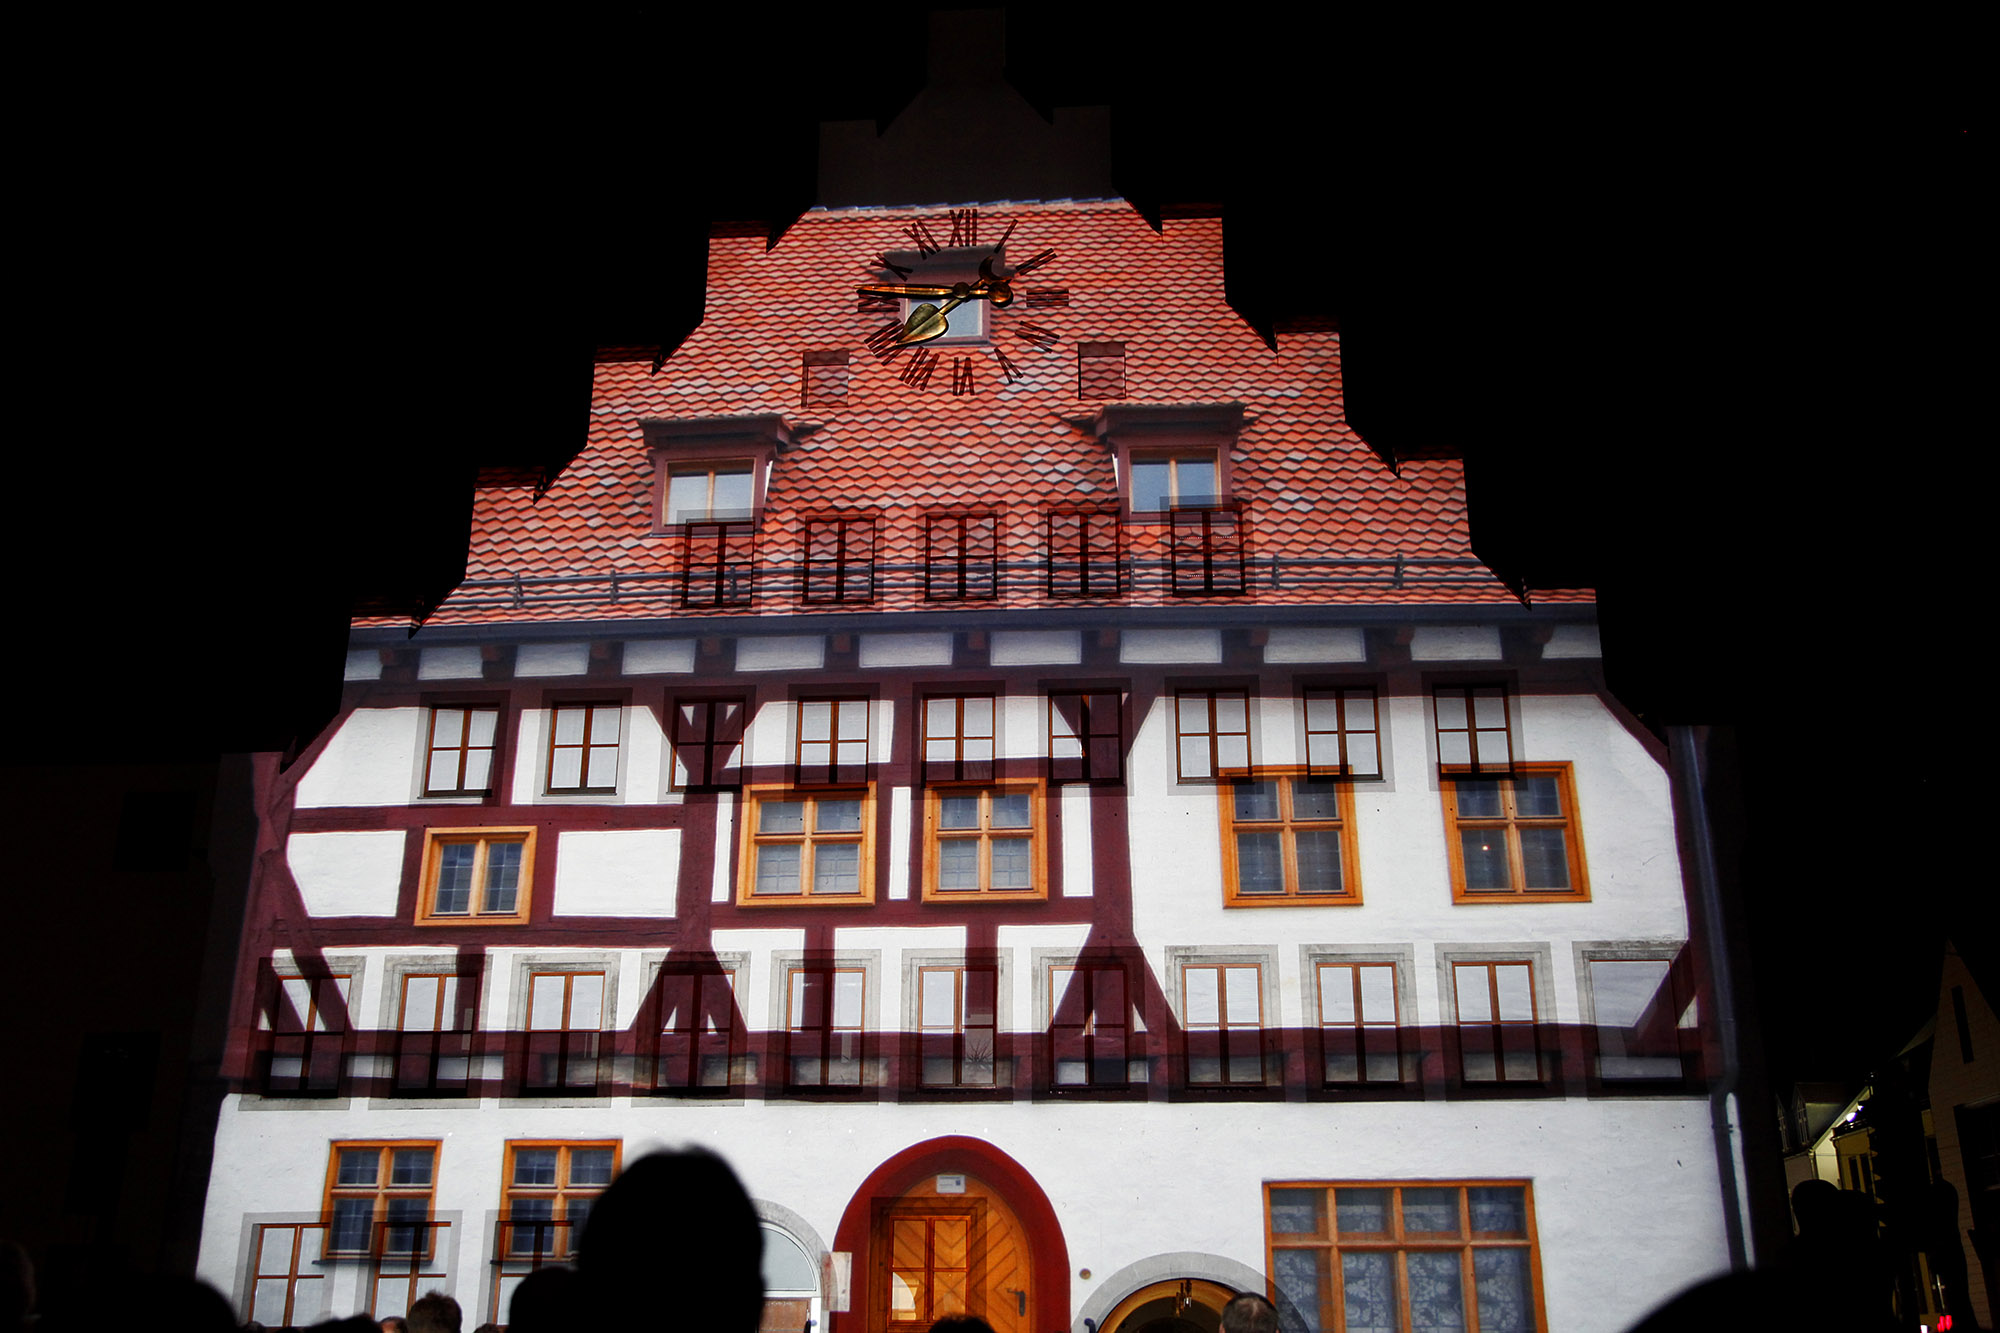 850JahreNeumarkt_Stadtgeschichte_2010_21.jpg